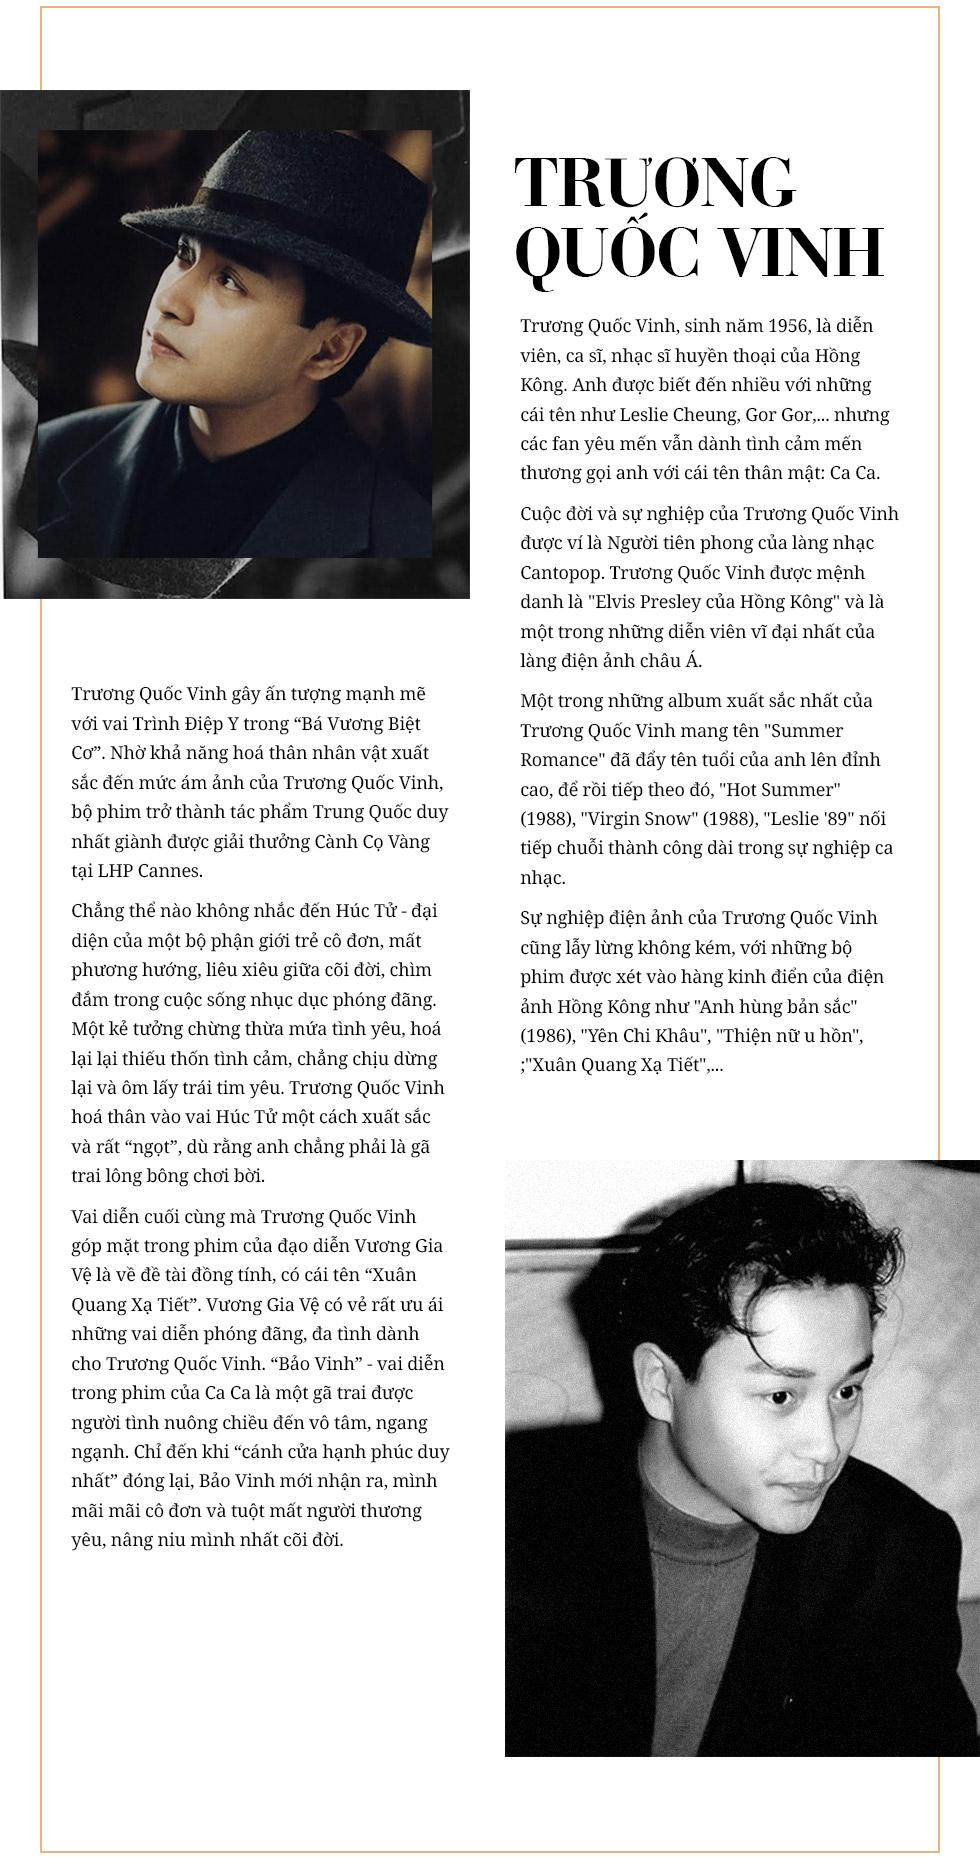 Tròn 14 năm chia ngả âm dương, nhưng mối tình đồng tính Trương Quốc Vinh - Đường Hạc Đức vẫn mãi là bản tình ca buồn bã và lãng mạn nhất - Ảnh 12.